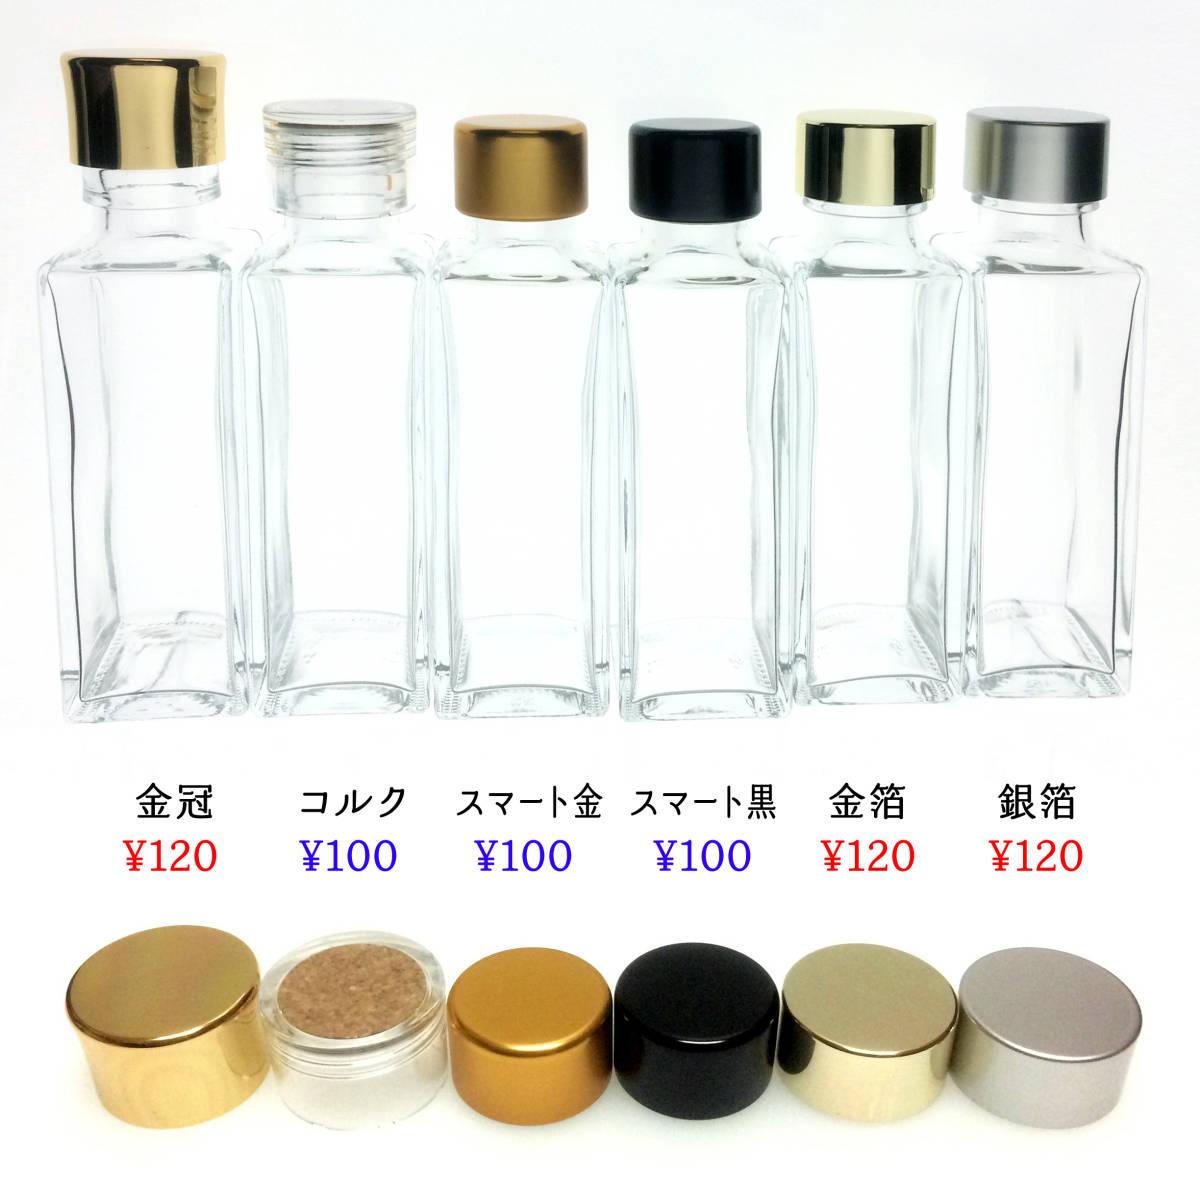 ハーバリウム瓶 テーパー120ml 5本 ♪♪_画像5